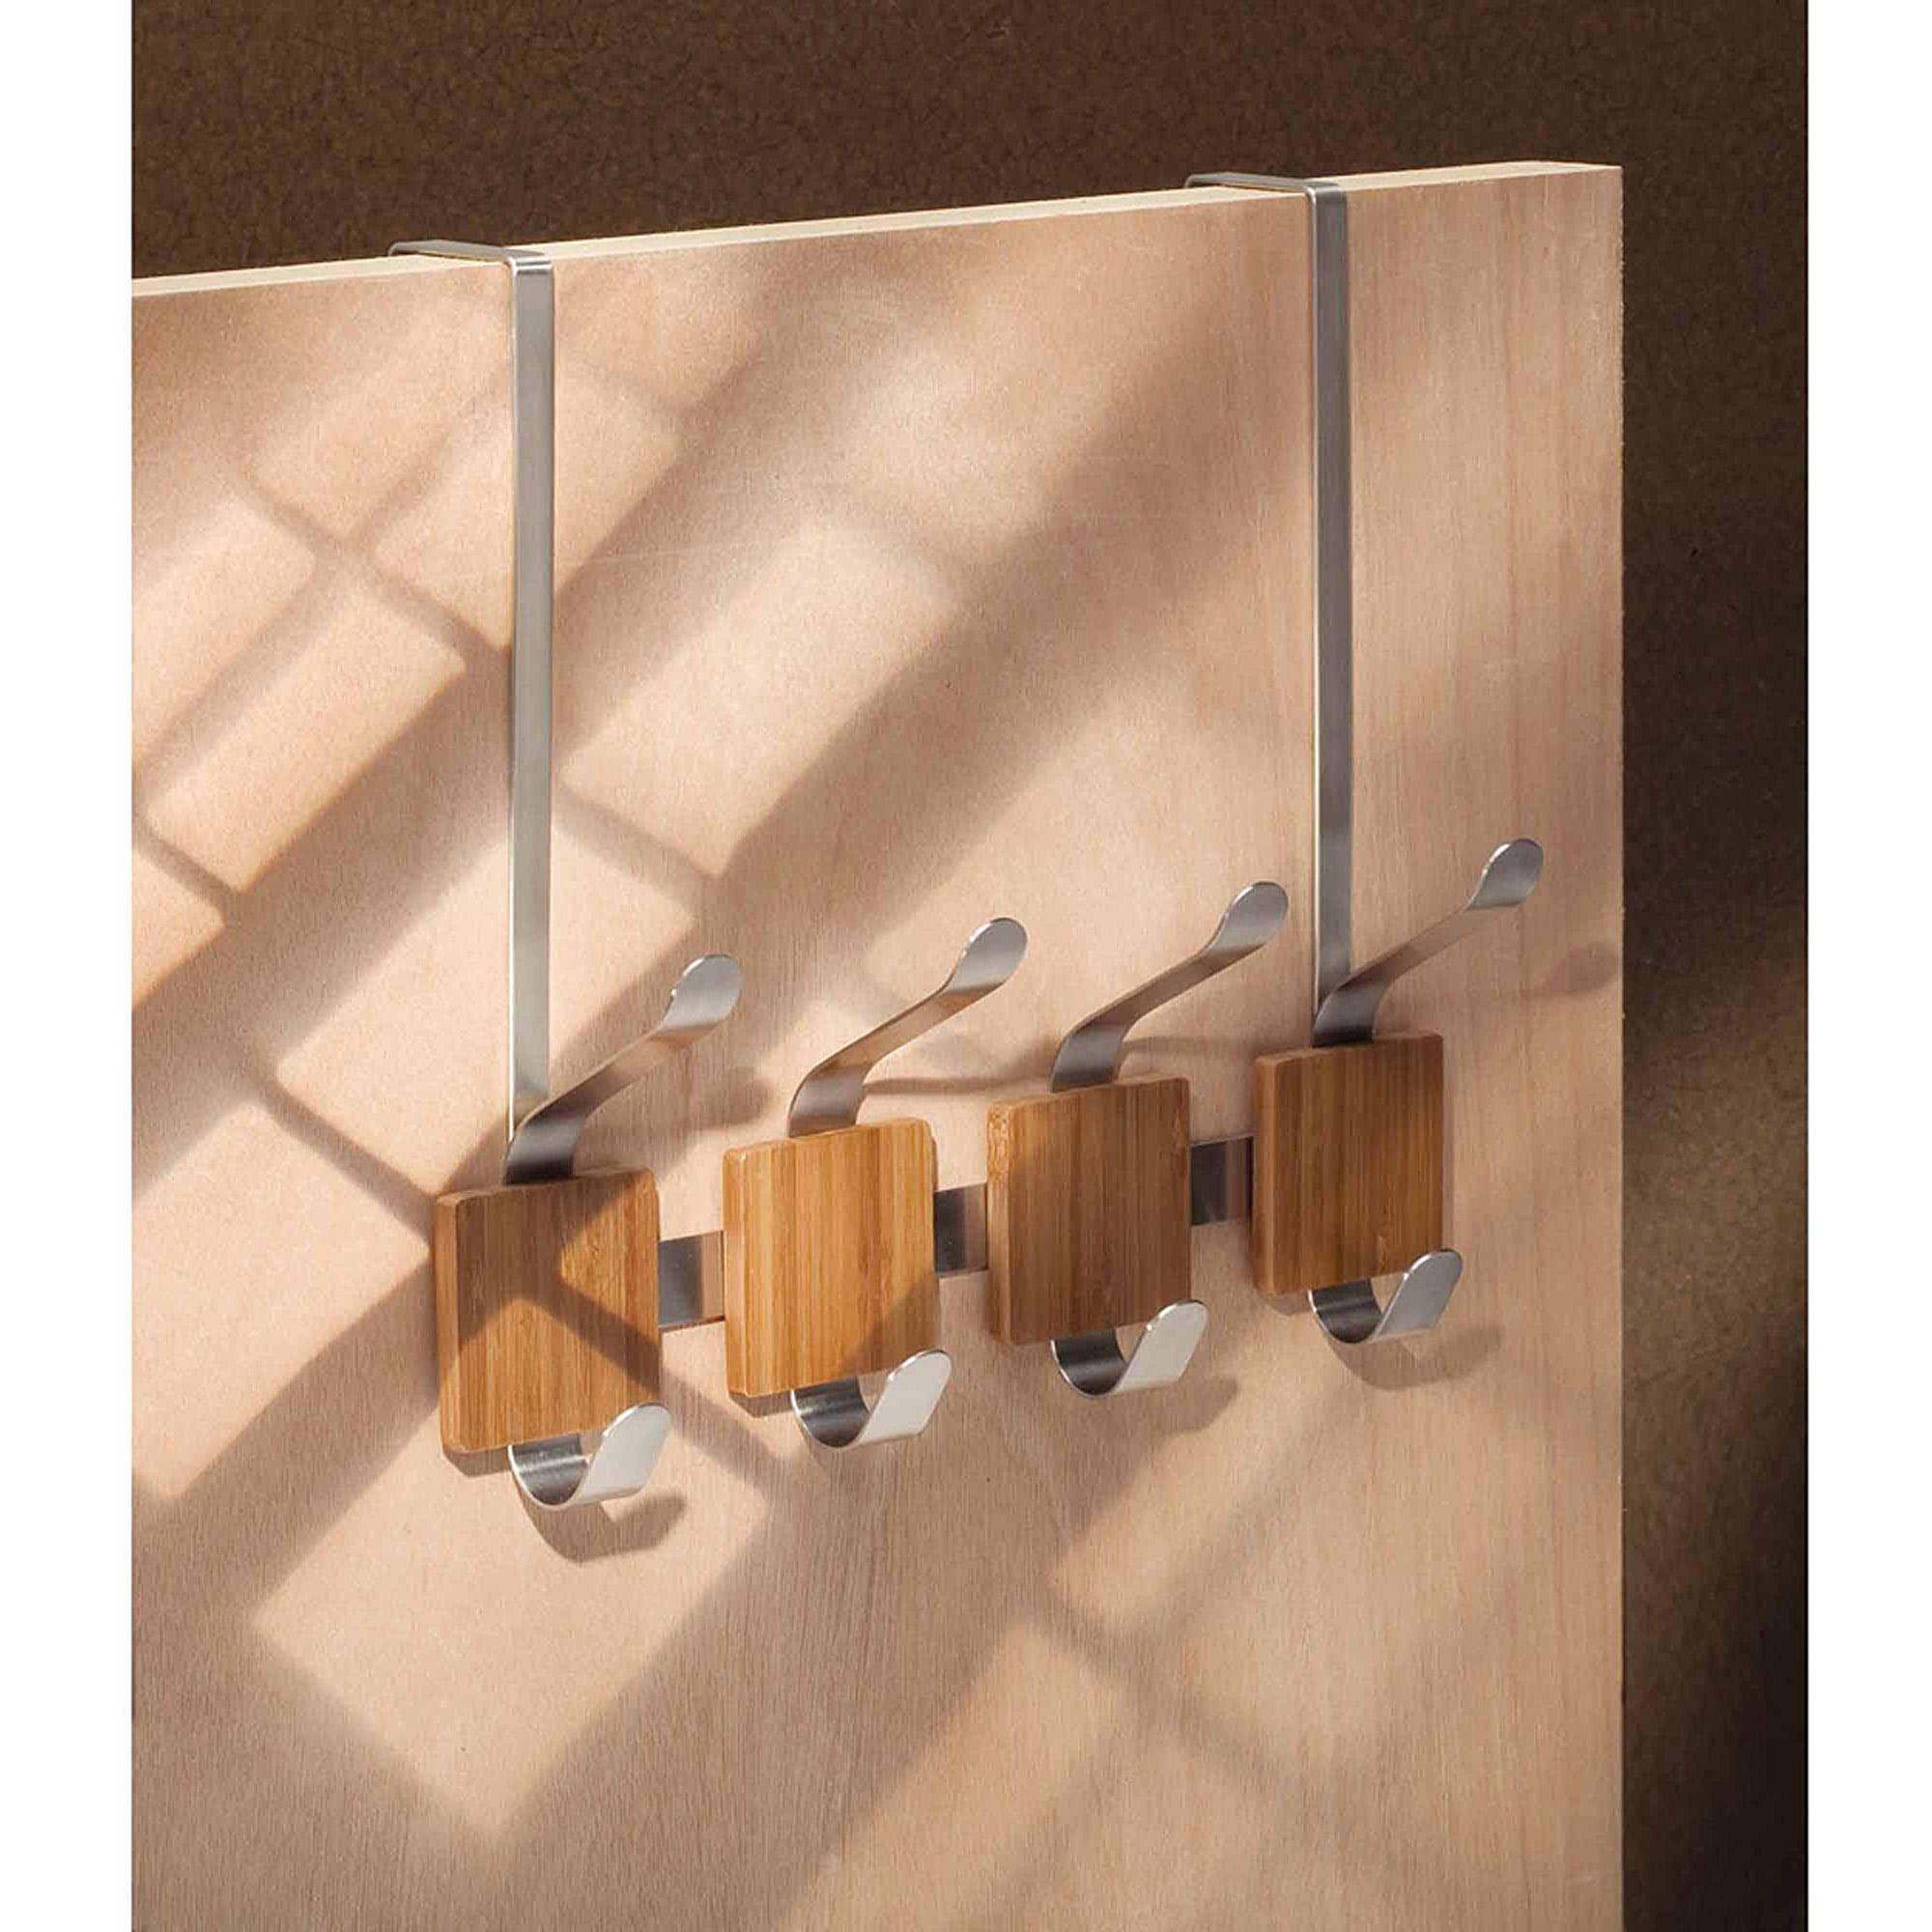 InterDesign Formbu Over-The-Door 4-Hook Rack, Brushed Stainless Steel